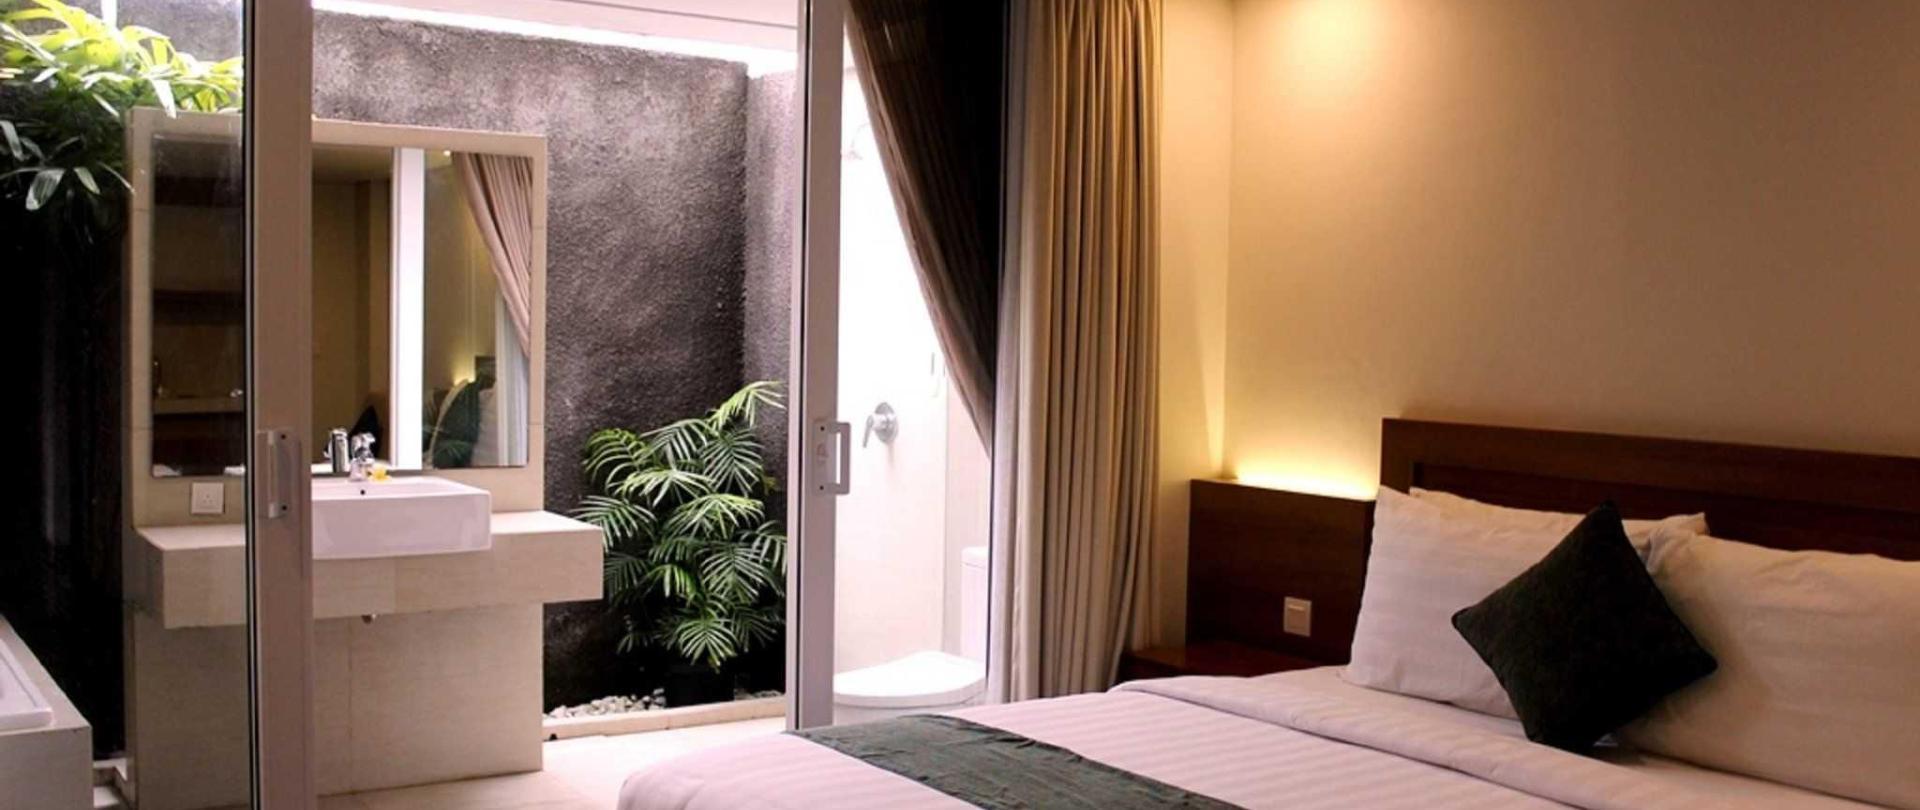 premier-room-3.jpg